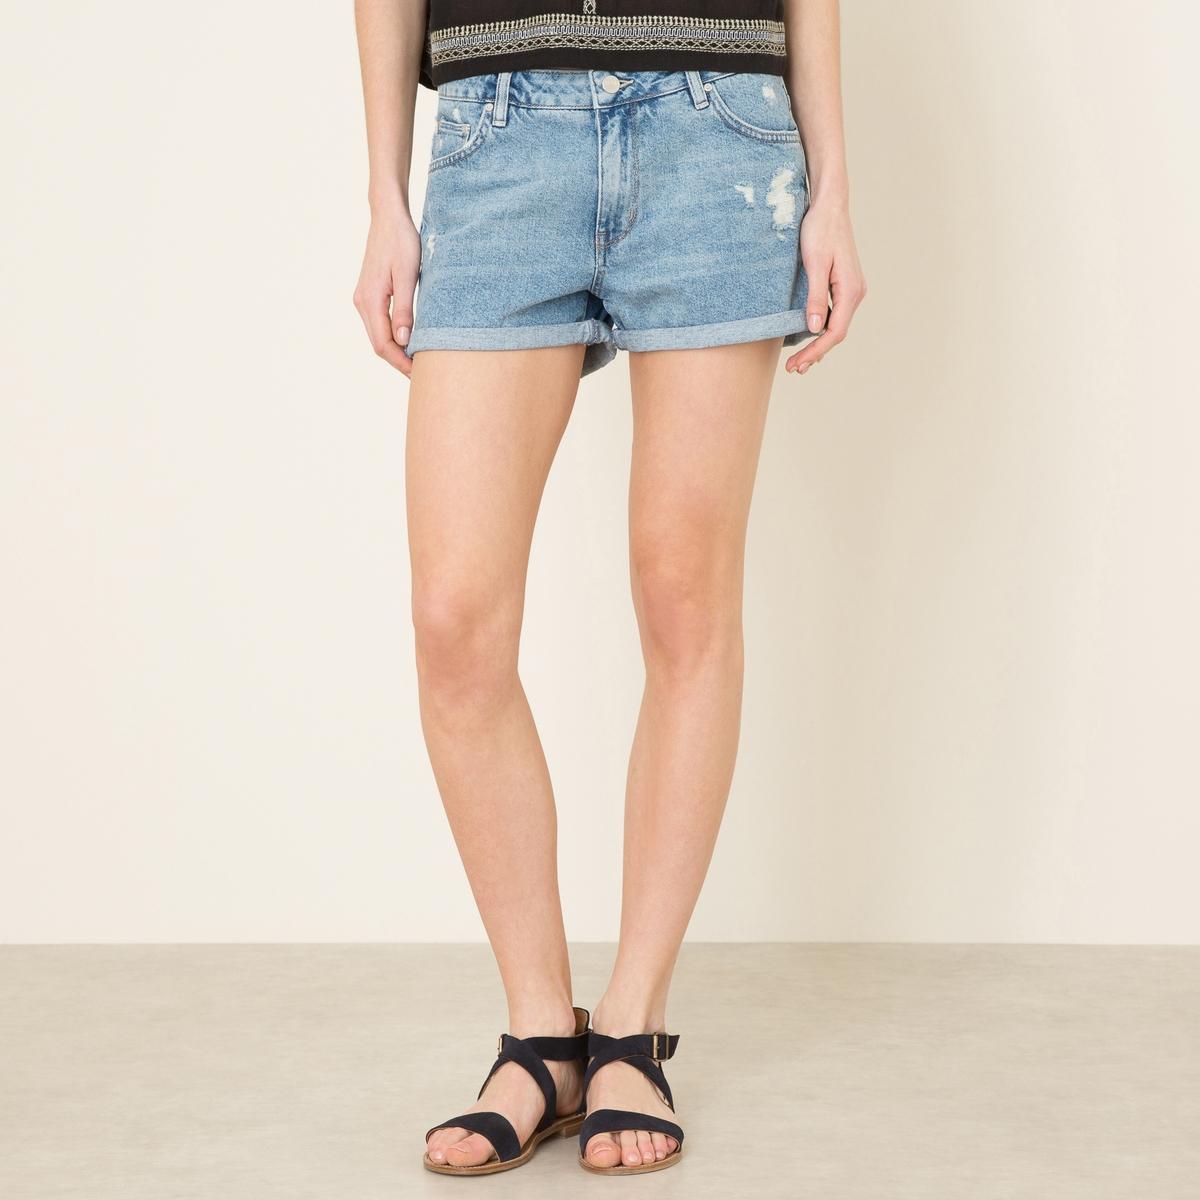 Шорты джинсовые SHELDONСостав и описание Материал : 100% хлопокМарка : REIKO<br><br>Цвет: синий деним